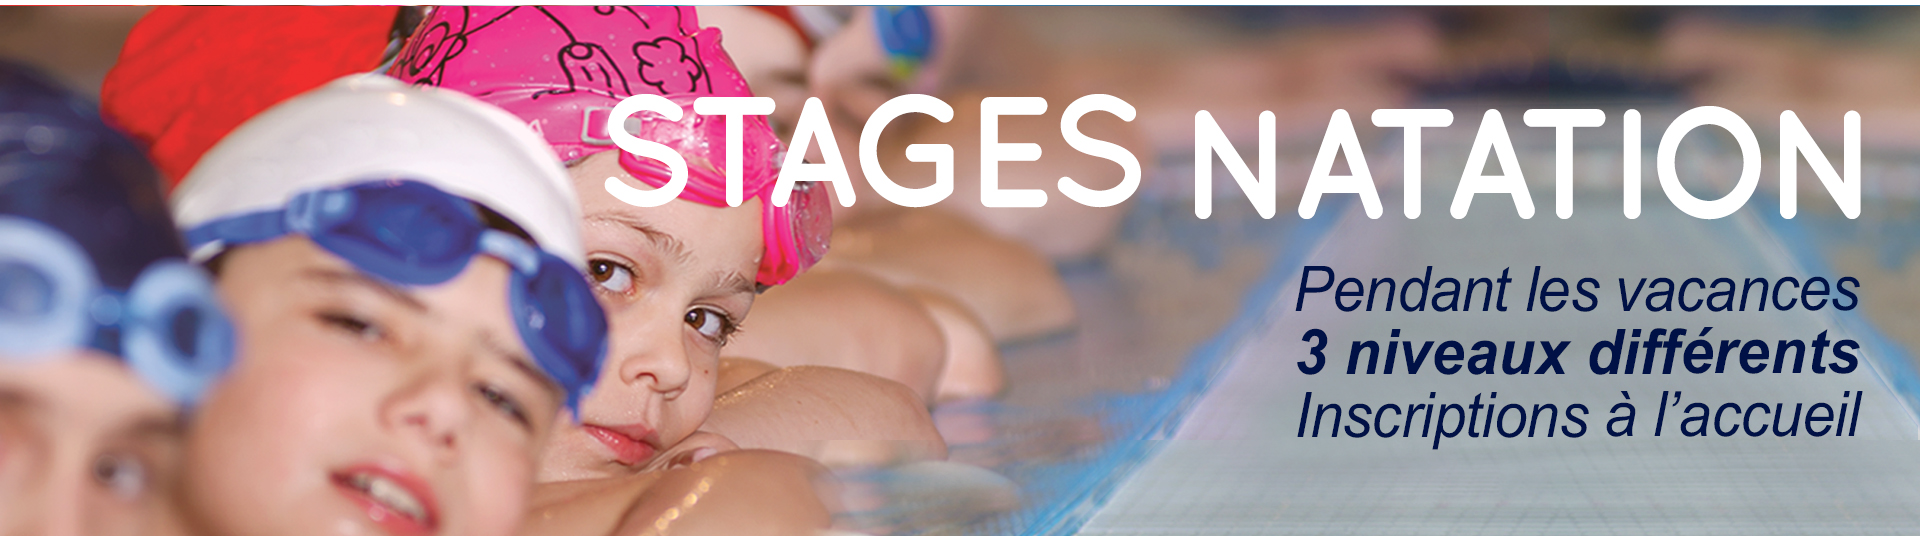 Stages natation enfant